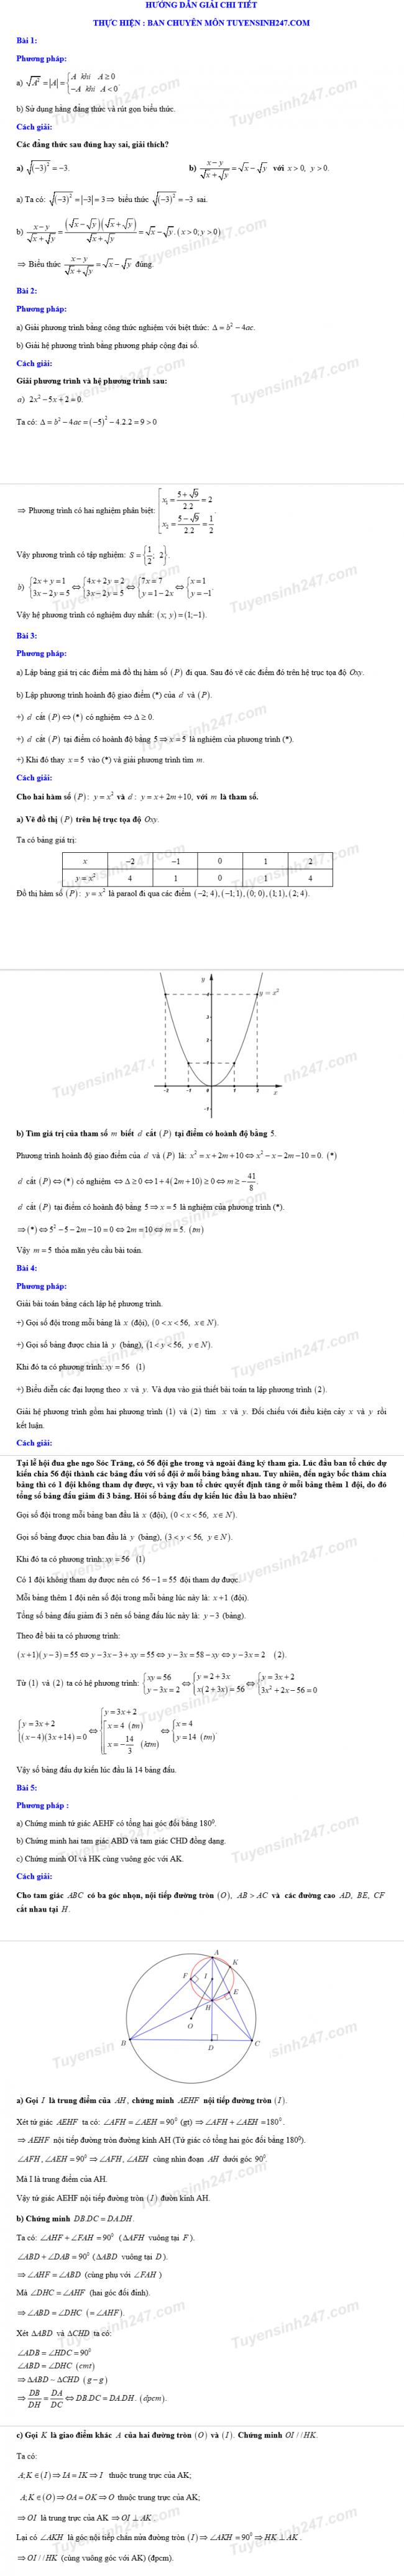 đáp án môn toán thi vào 10 sóc trăng 2018